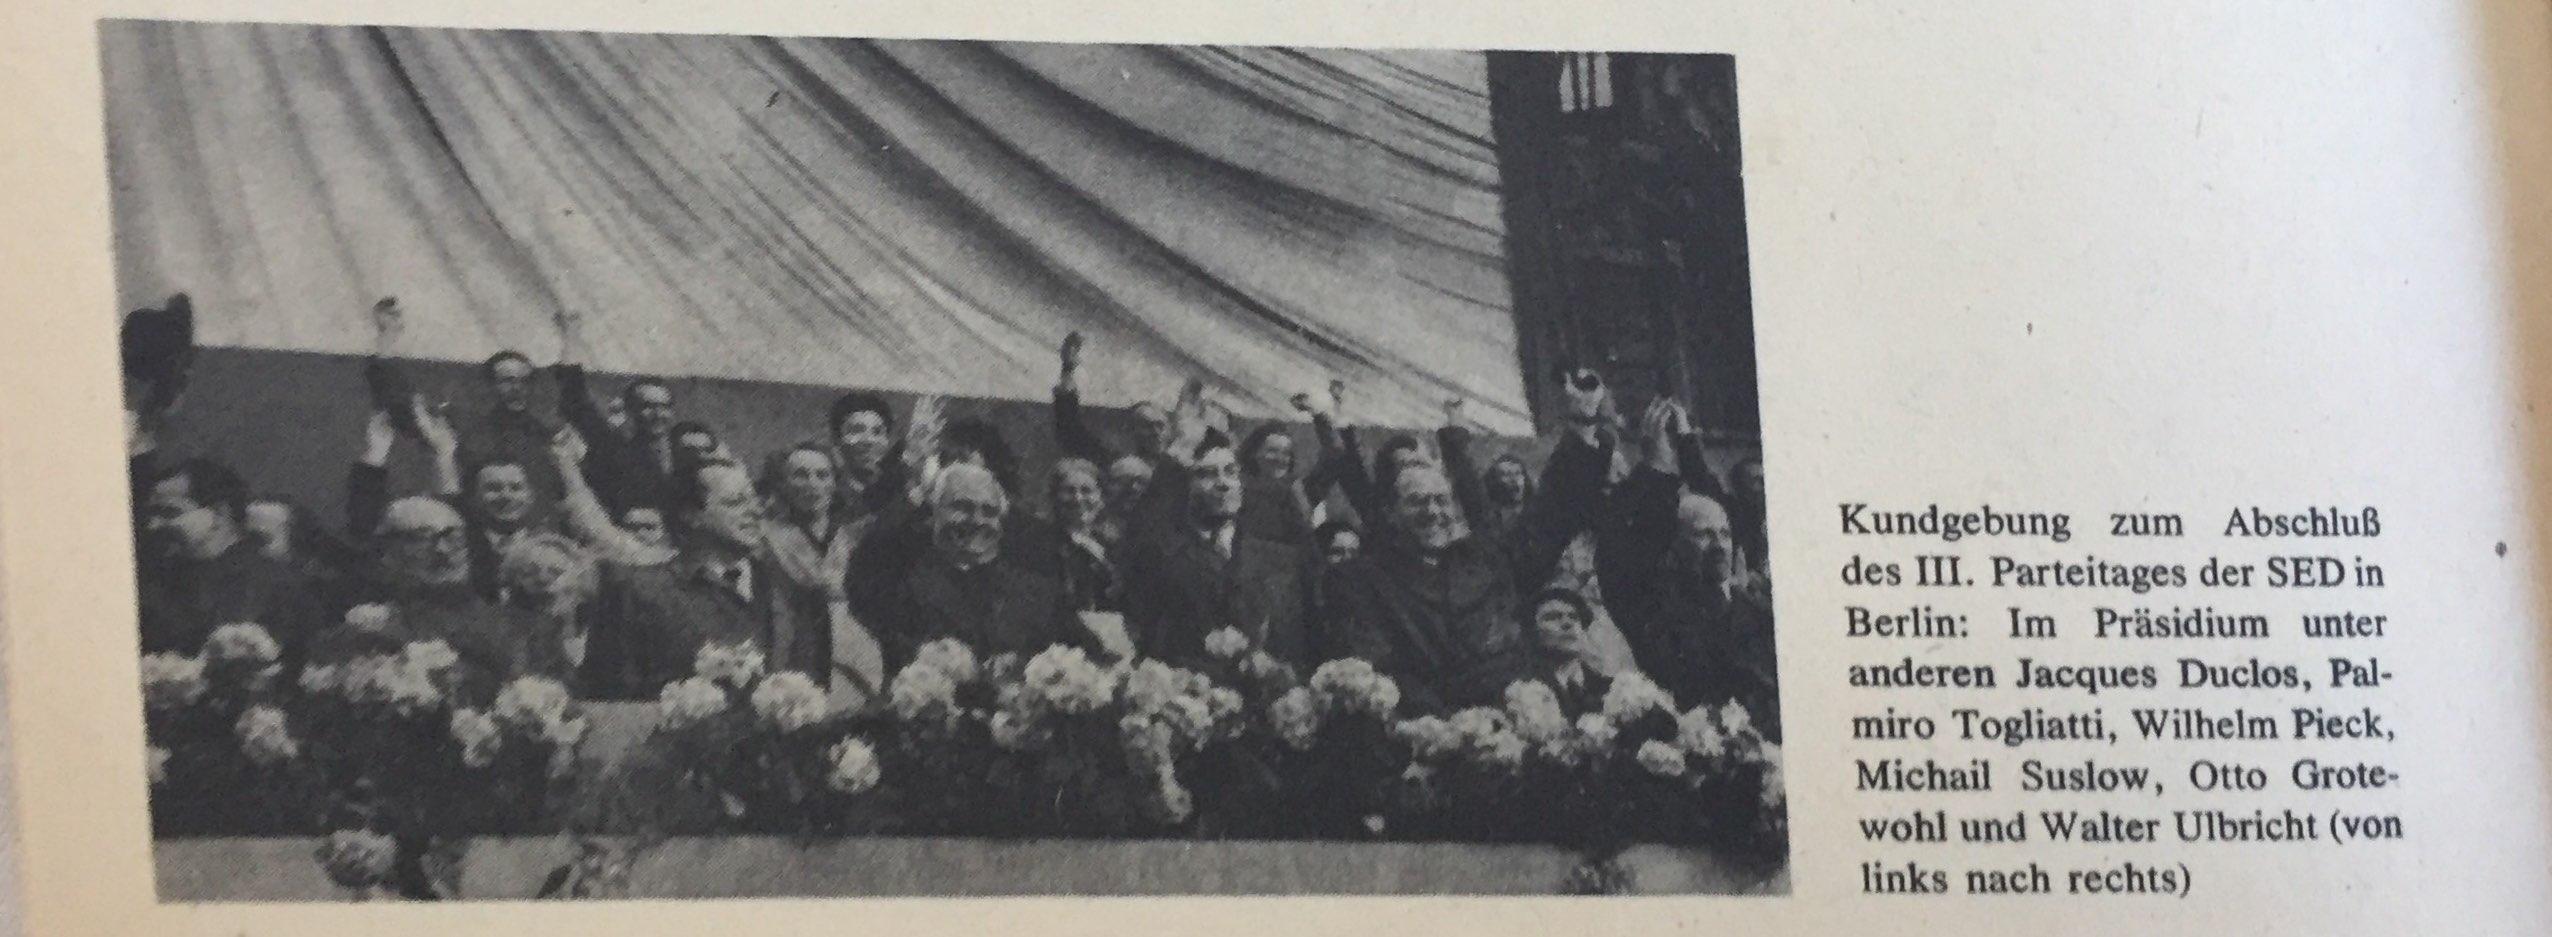 Der III. Parteitag der SED. Die Orientierung auf die planmäßige Schaffung der Grundlagen des Sozialismus